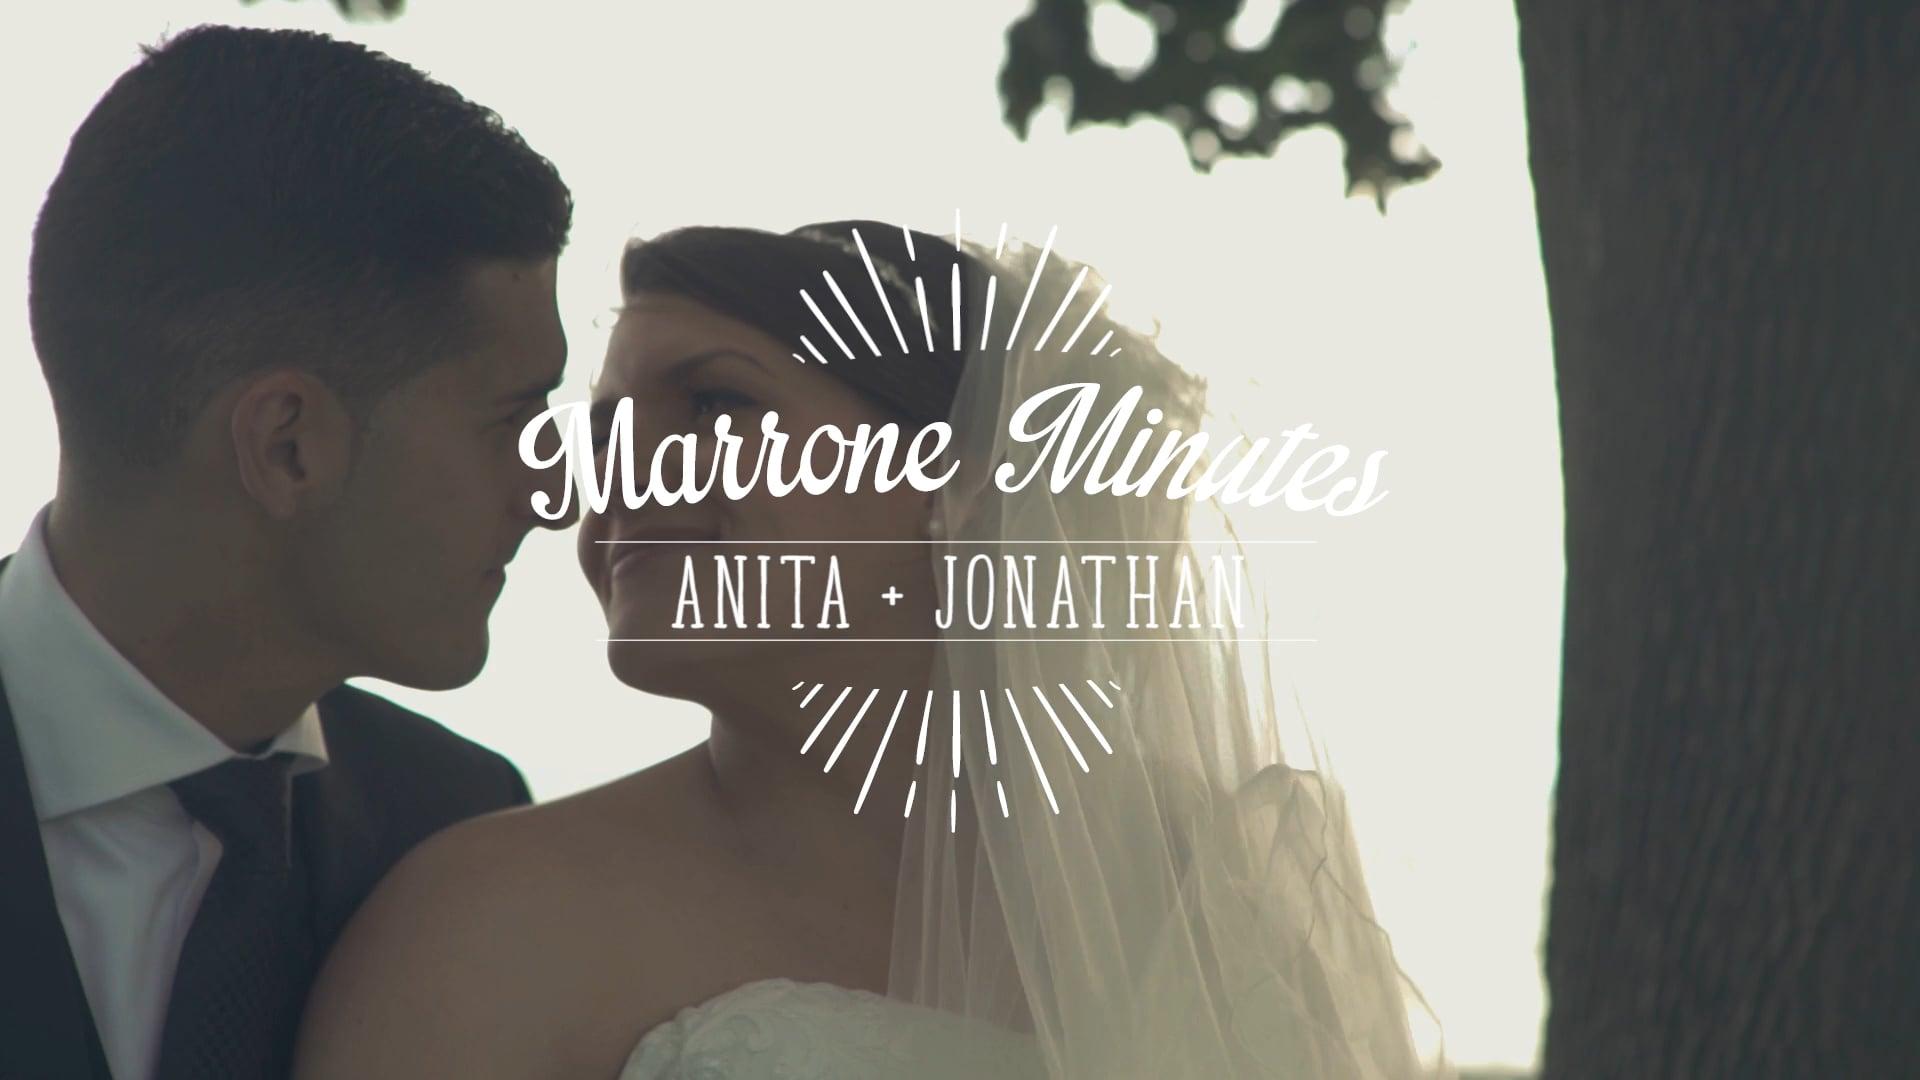 Anita & Jonathan